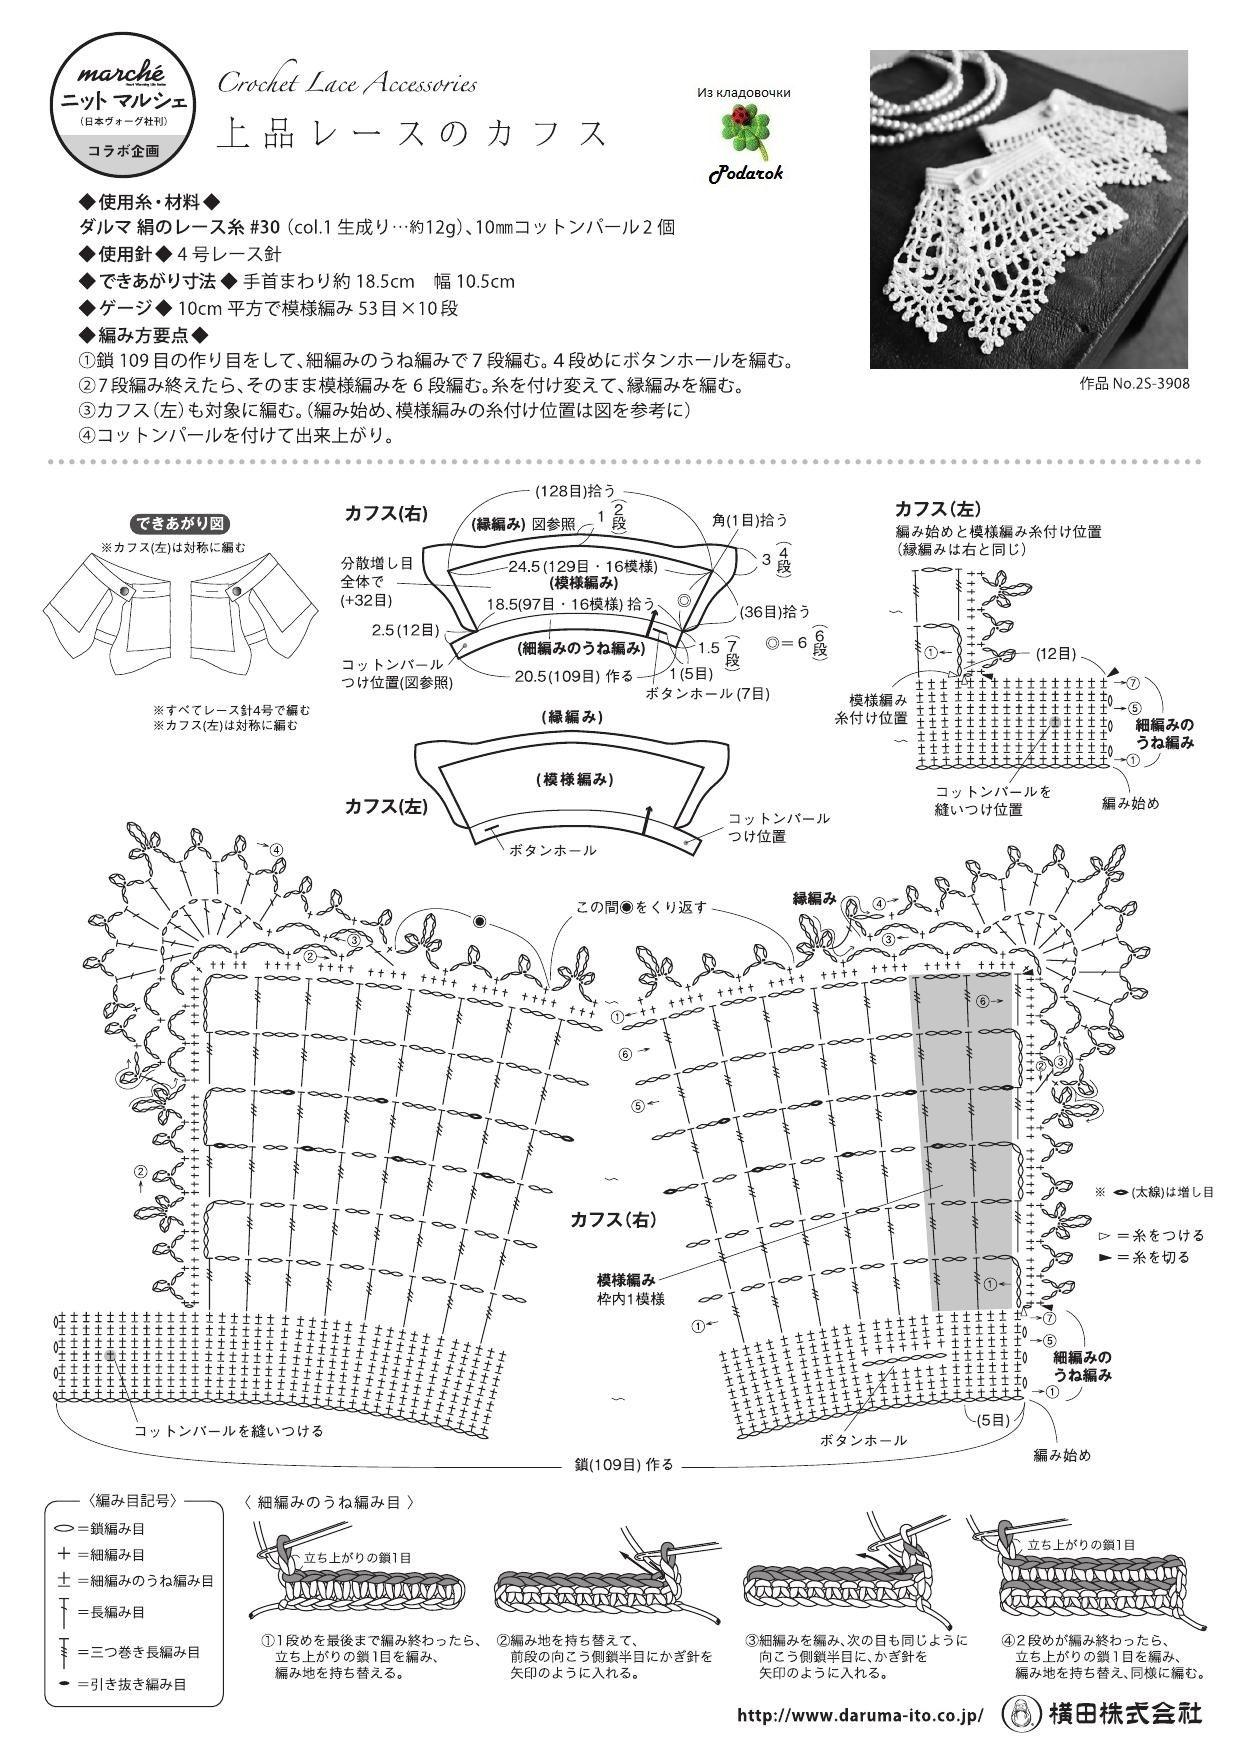 收集的领子2 - 蕾妮 - 蕾雨轩 | Crochet | Pinterest | Picasa